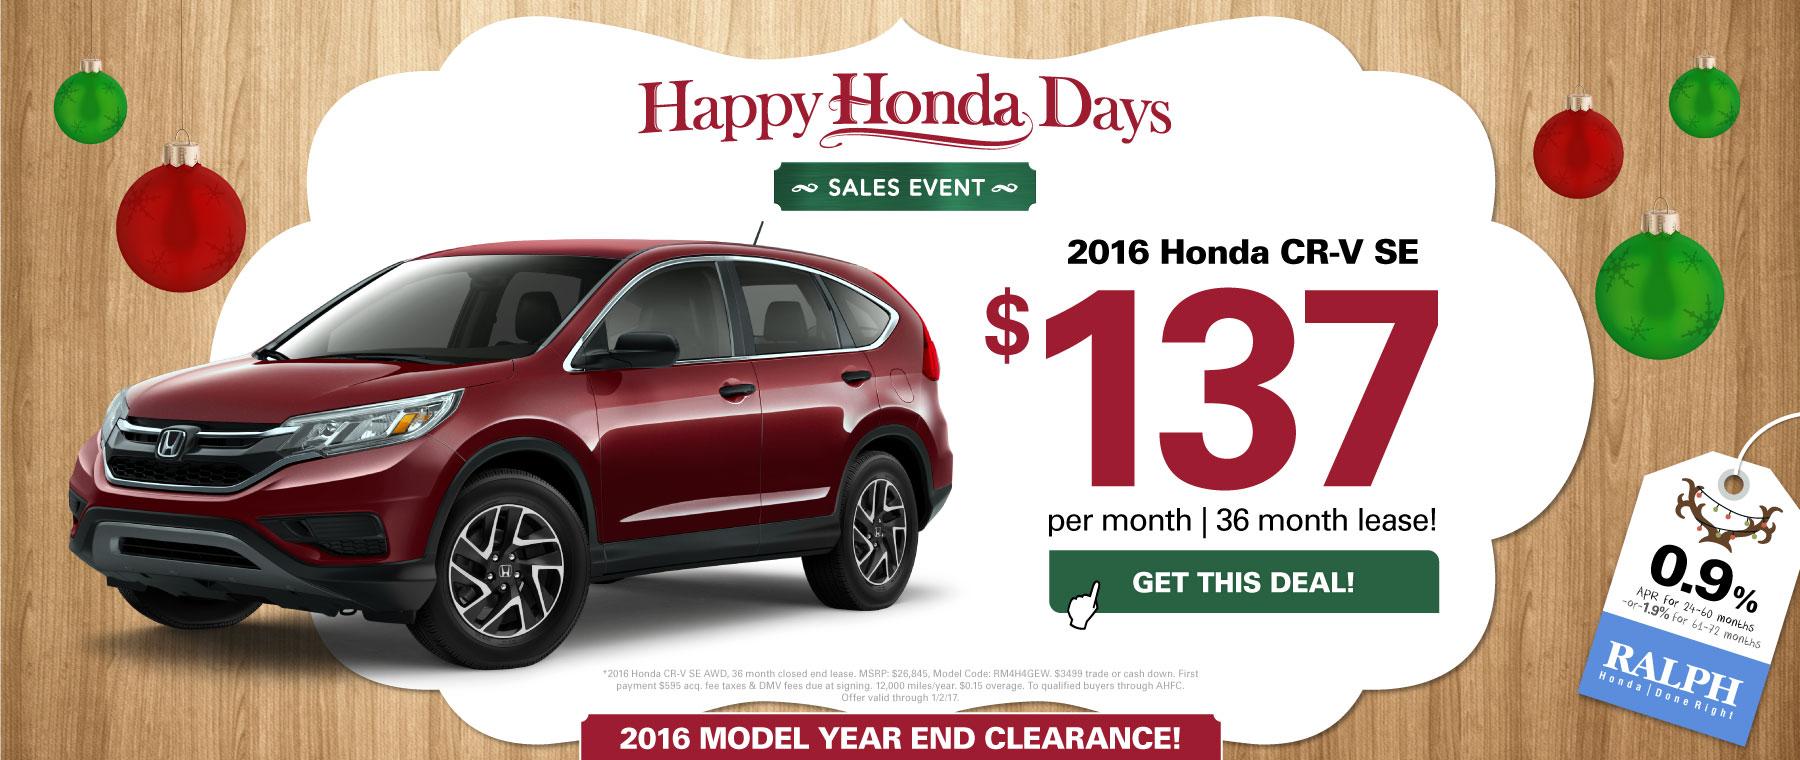 Honda used car dealer in rochester ny ralph honda for Honda crv lease deals ny